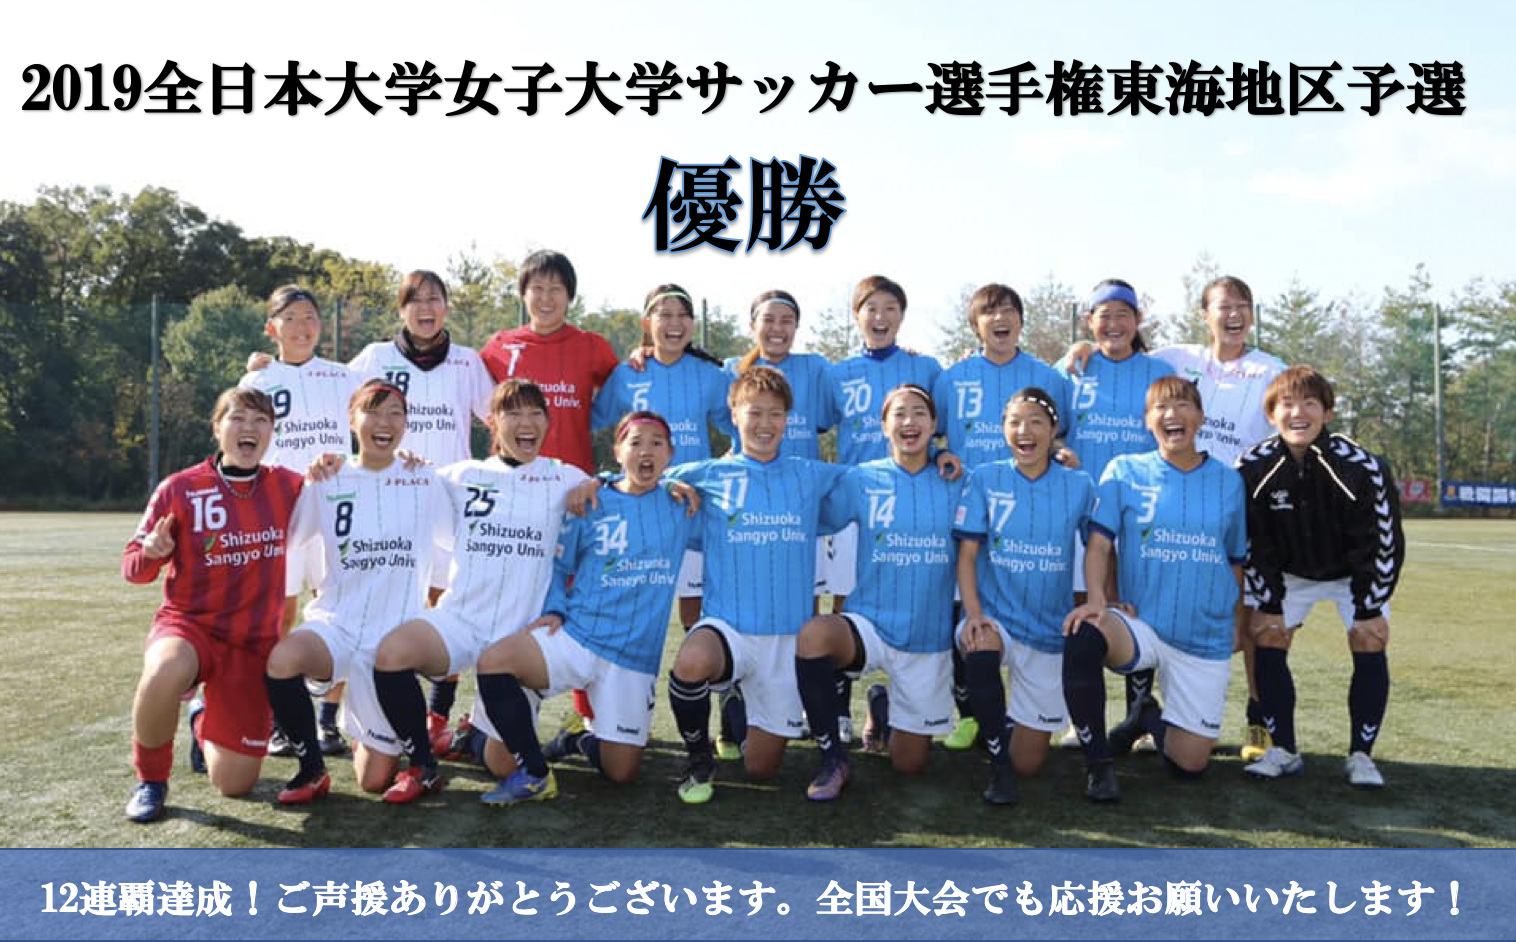 サッカー 部 大学 中京